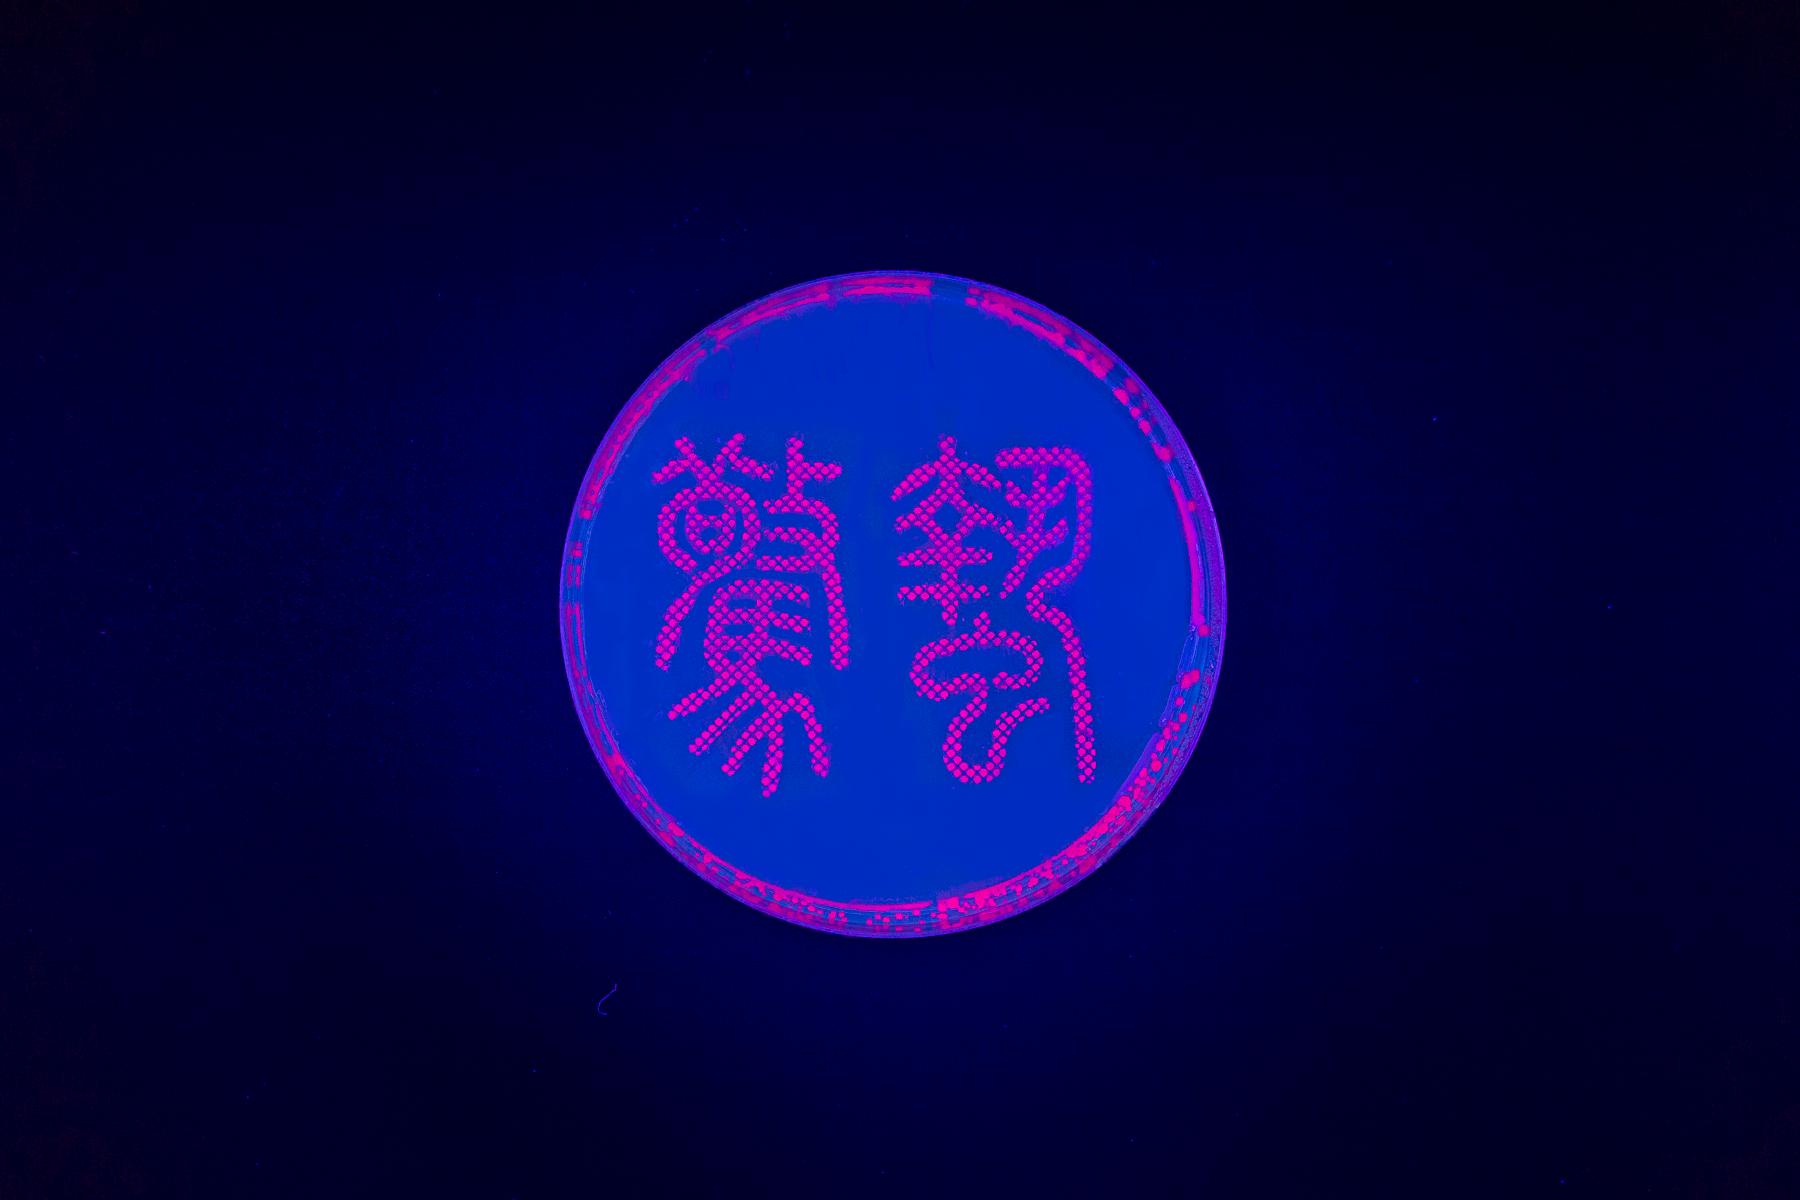 驚蟄 / Waking of Insects